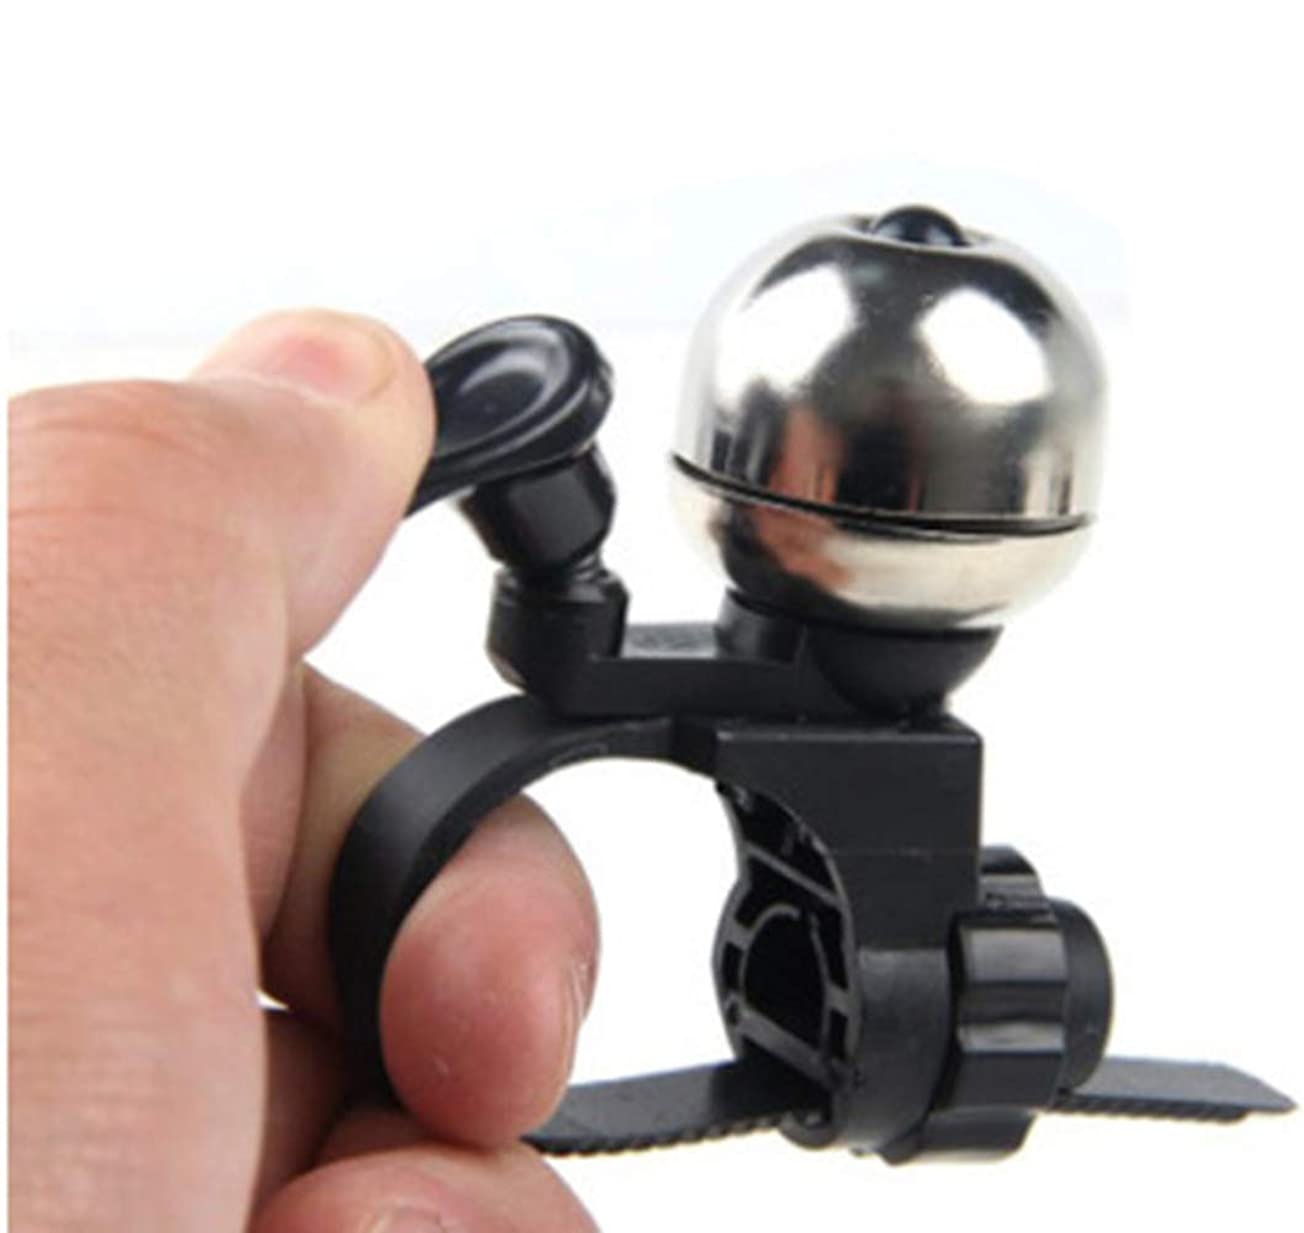 呼吸する外出是正する自転車ベル ミニ 脱着簡単 真鍮製 調整可能 ブラック/シルバー